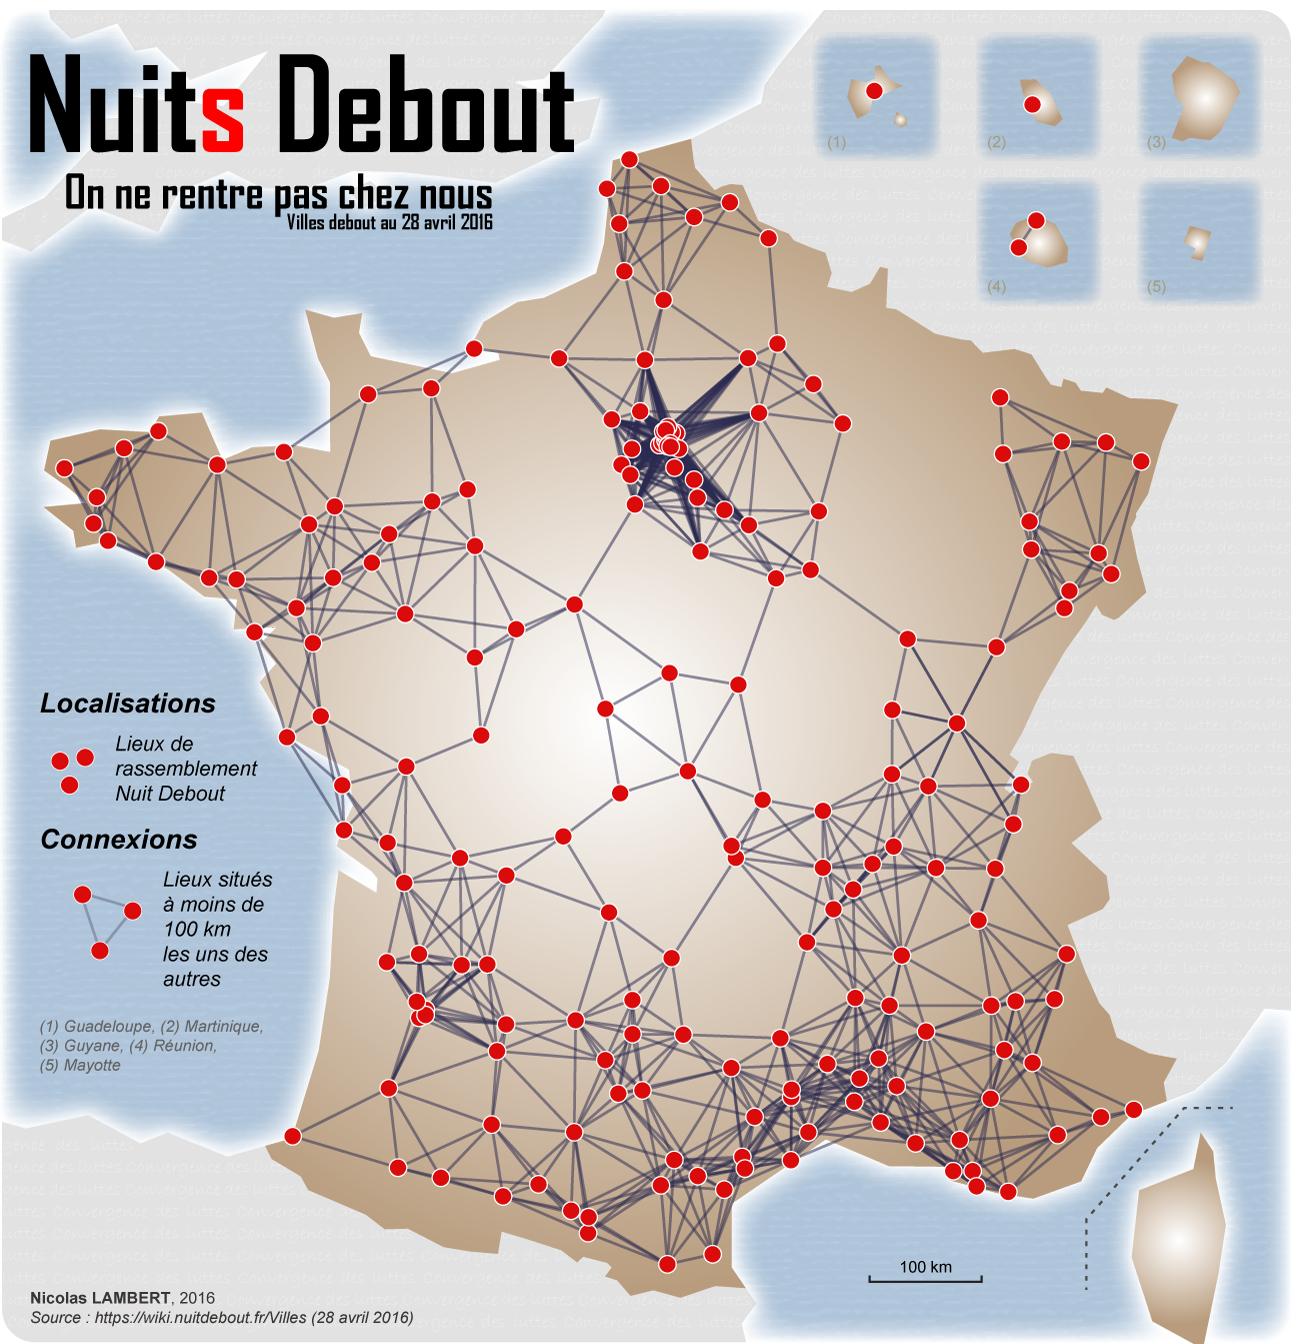 FranceDebout